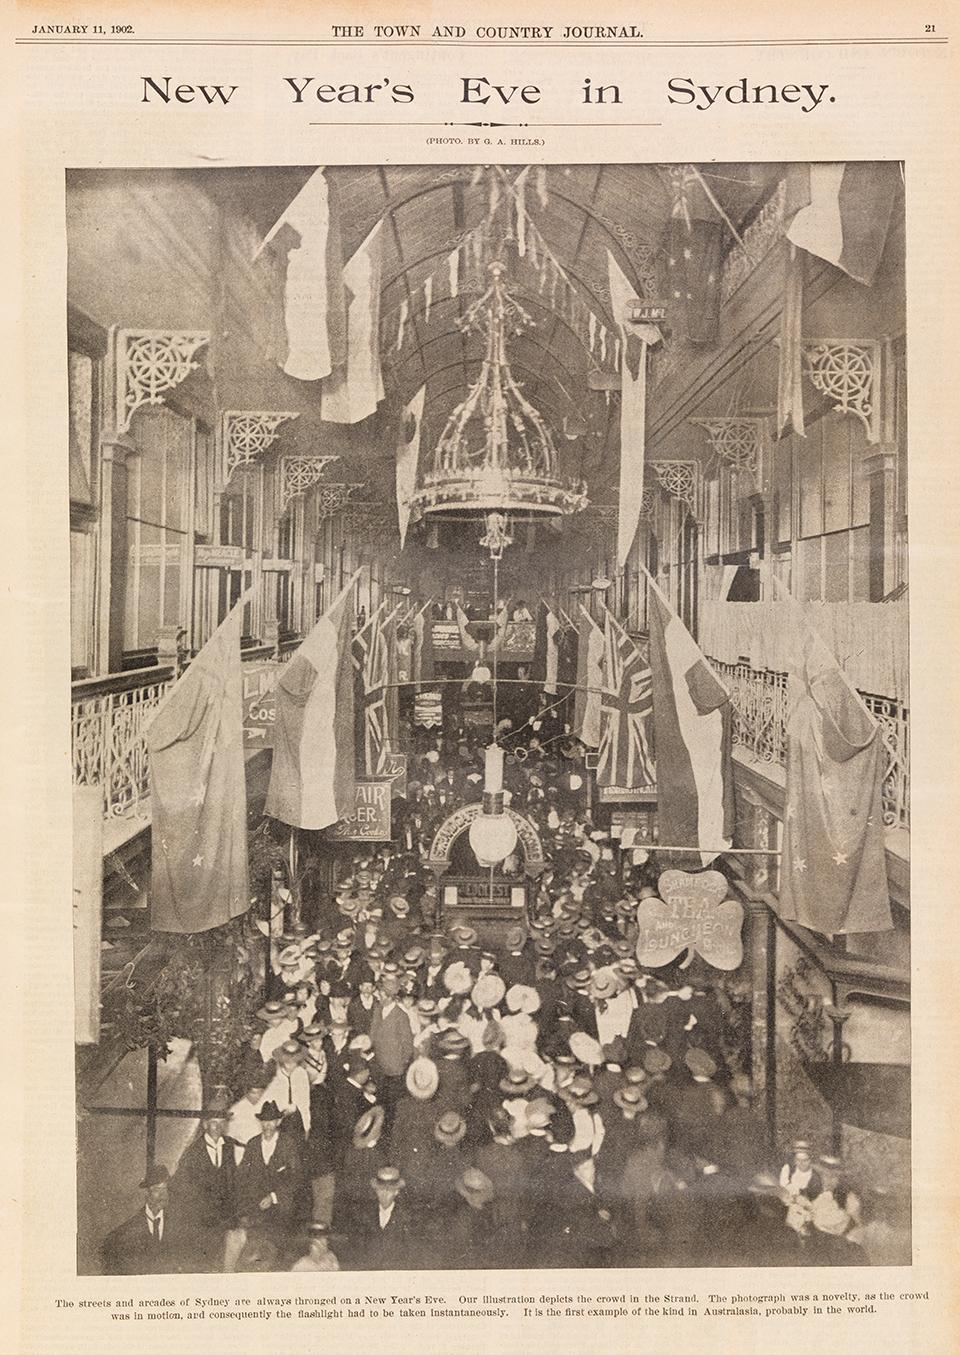 1902年1月11日报纸对新年跨年夜的报道